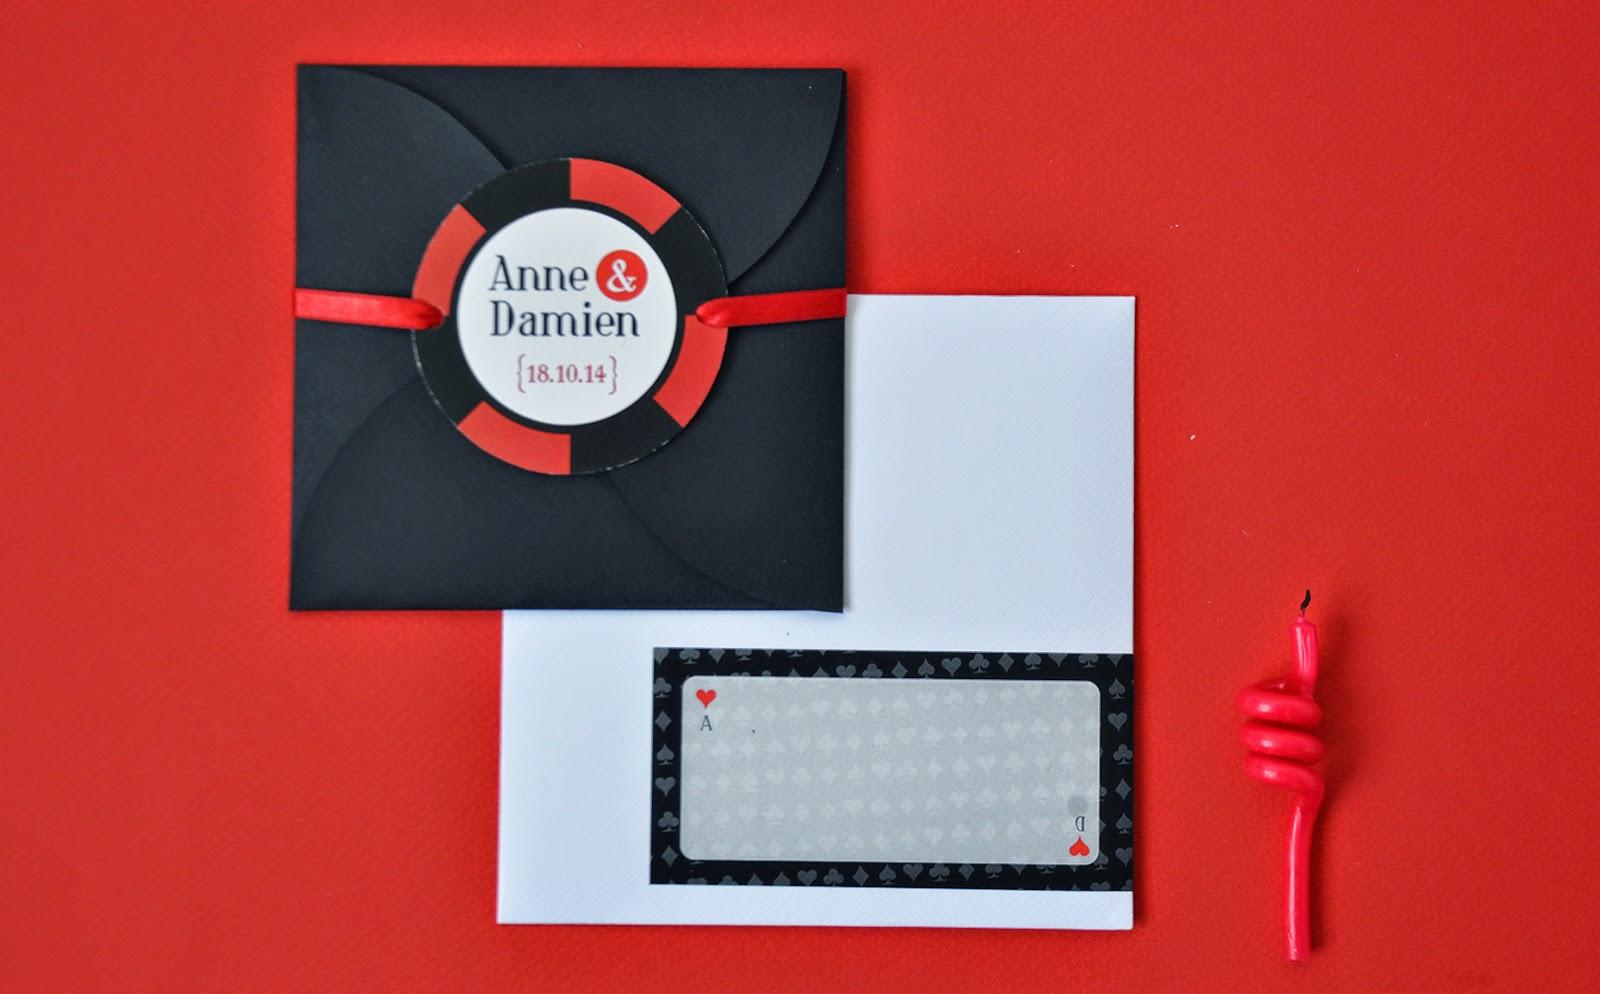 arr te de r ver faire part l 39 invitation casino pour les. Black Bedroom Furniture Sets. Home Design Ideas